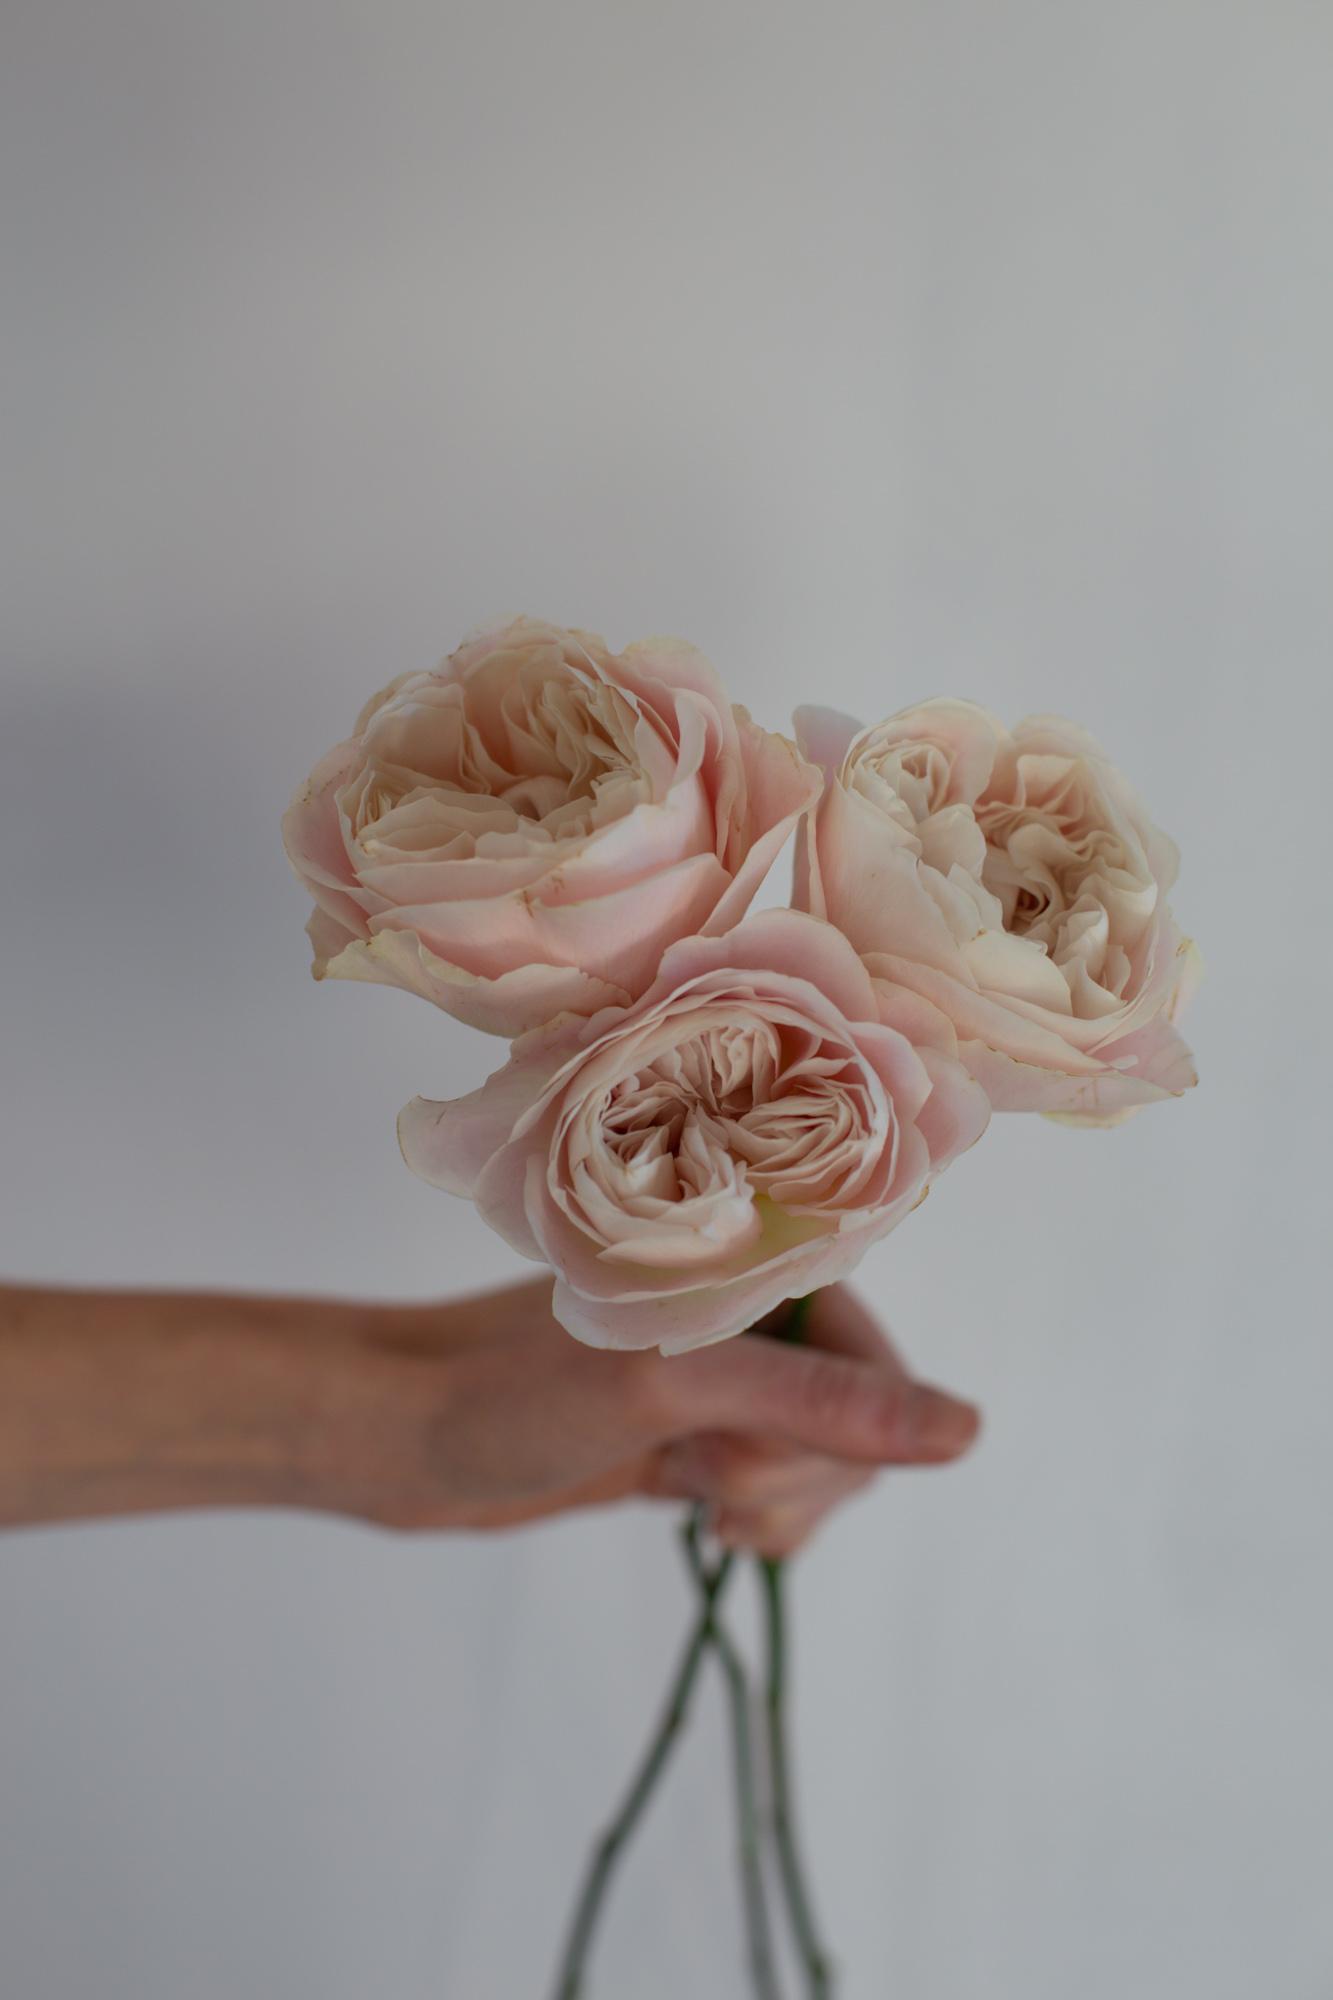 Rose de jardin